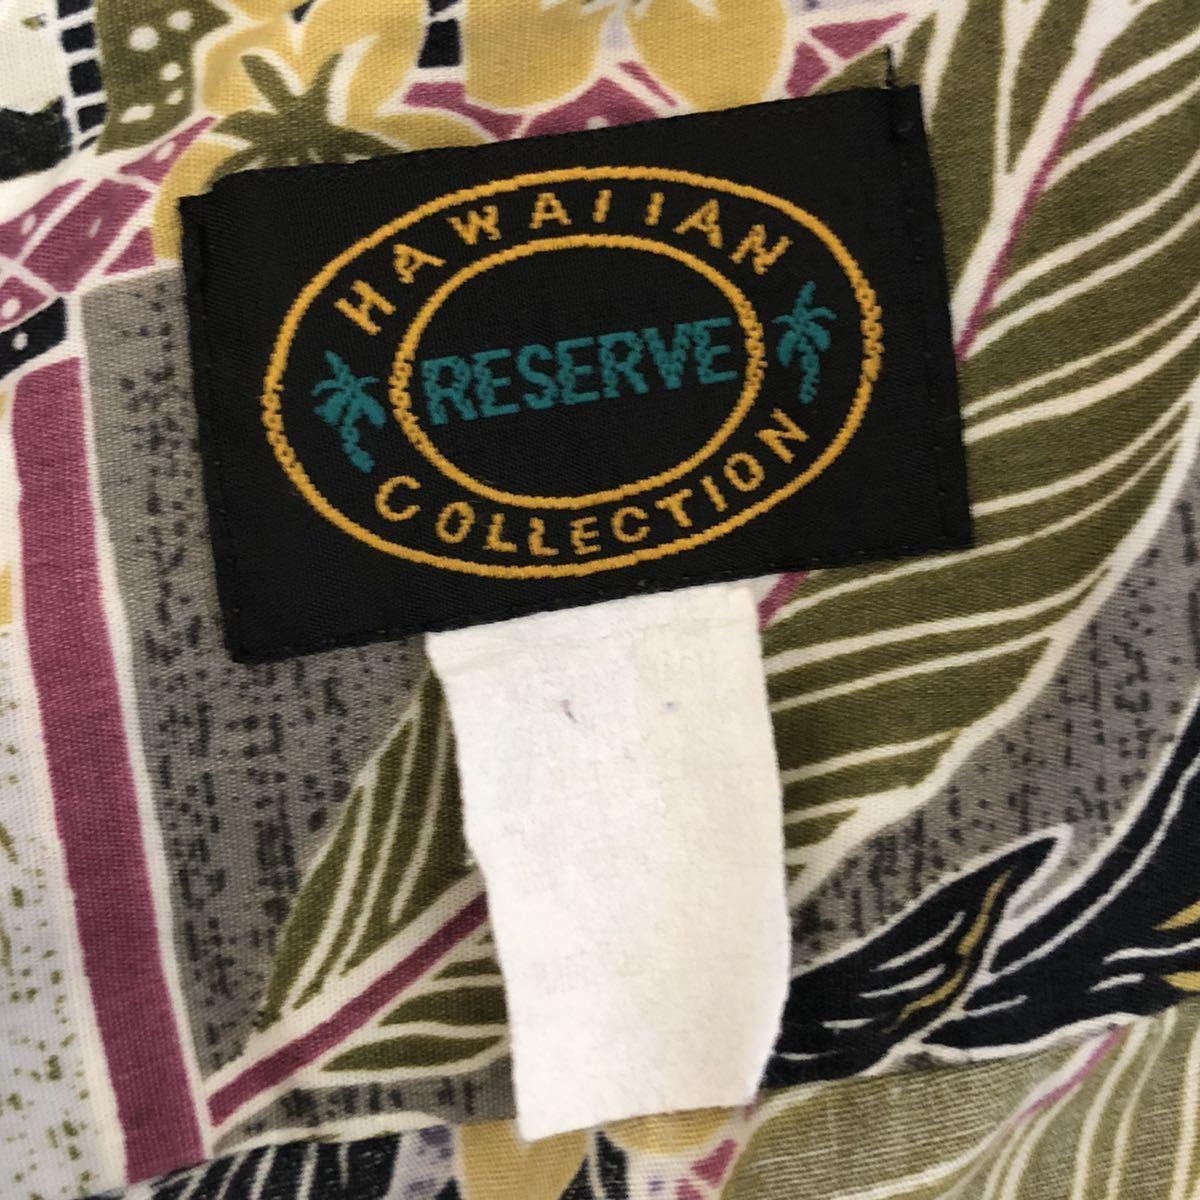 アロハシャツ HAWAIIAN RESERVE Collectionハワイアンリザーブコレクション メンズL相当 木製ボタン ハワイ製 グリーン基調